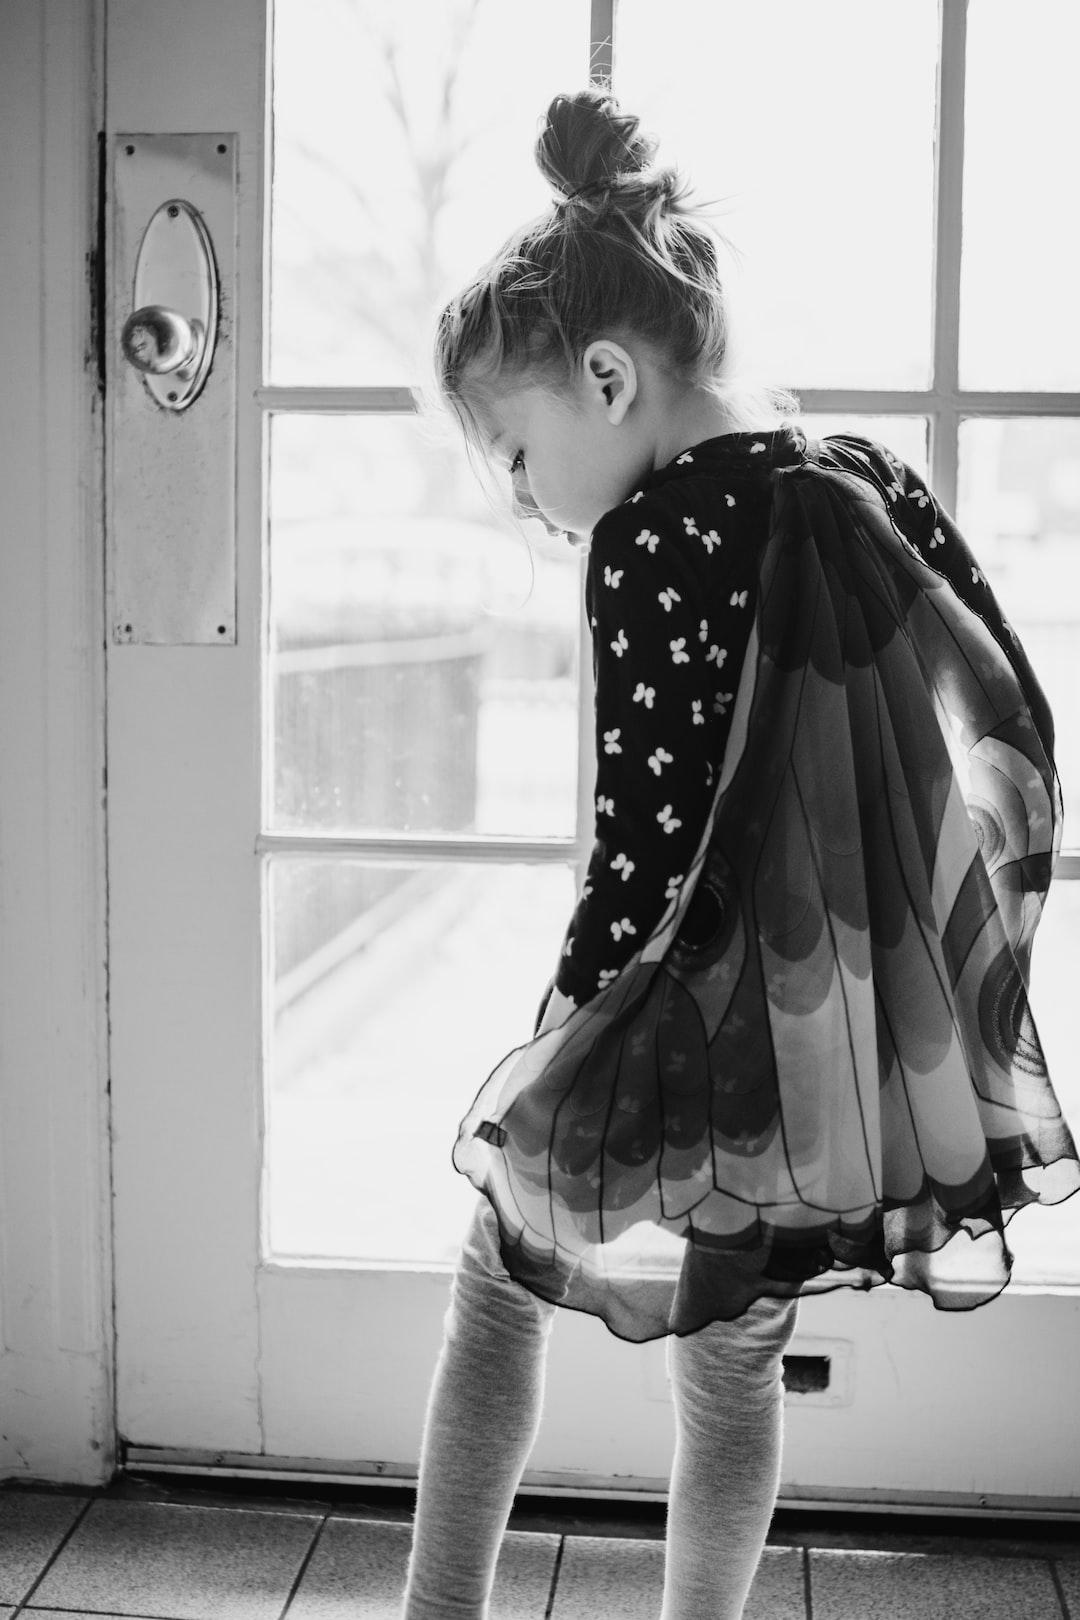 Little girl in doorway wearing butterfly cape